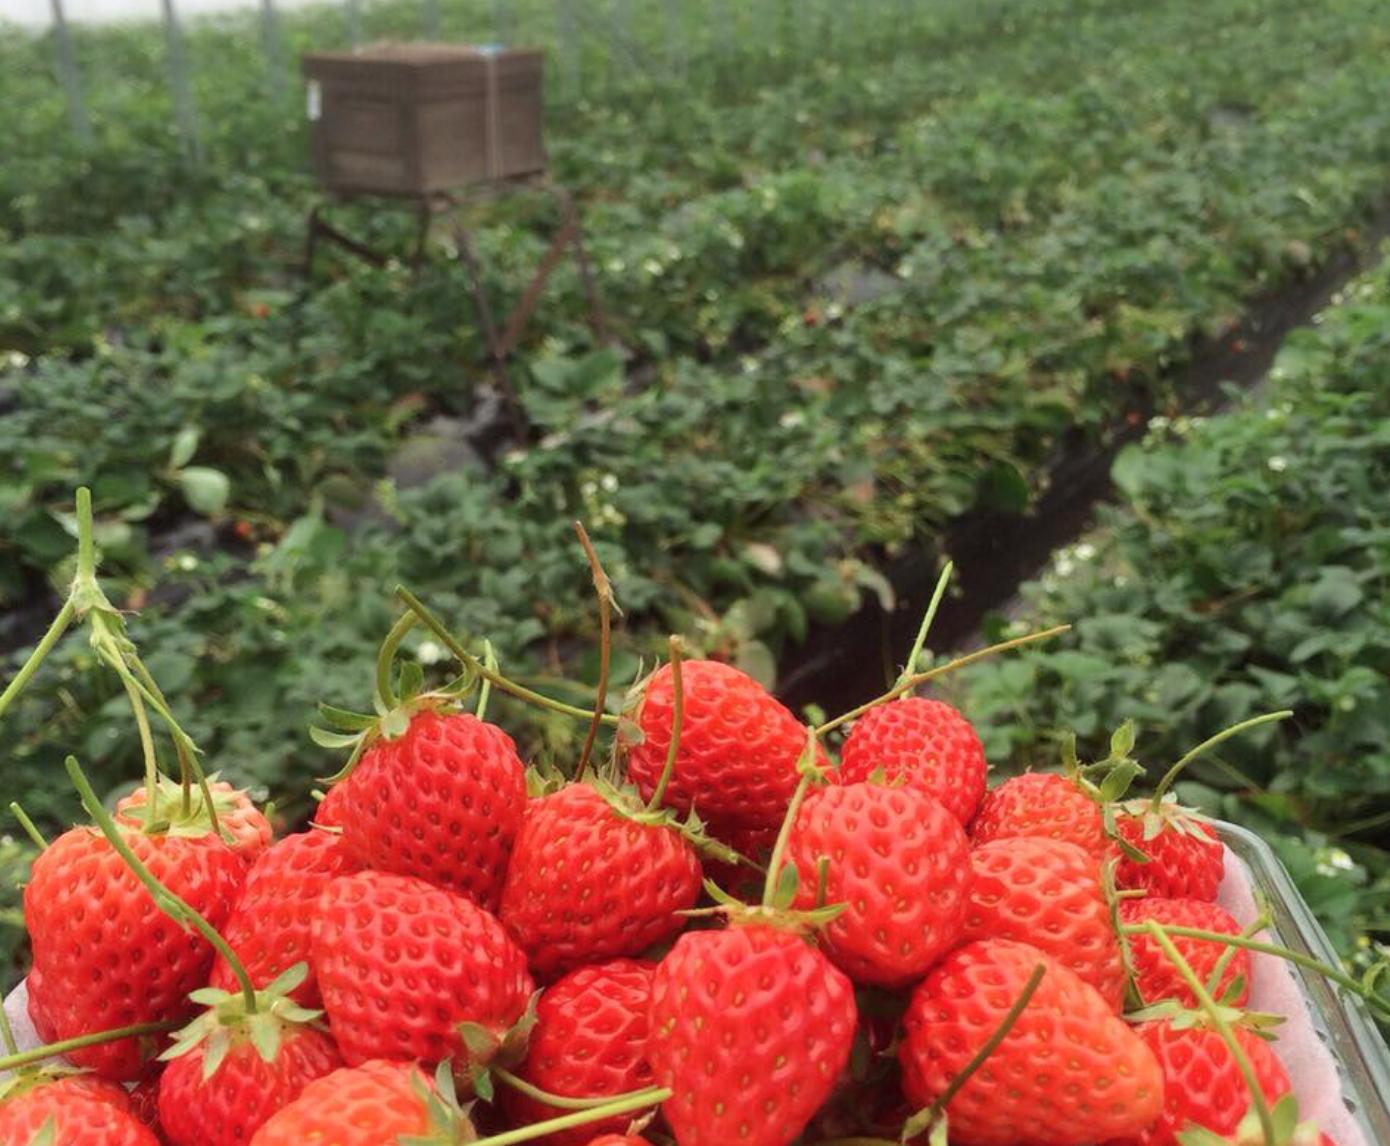 美味しくて可愛い苺スイーツが食べたいなら、岡崎のいちご農家「伊藤園」へ - 713dea155dc290b149272d11618e23dc